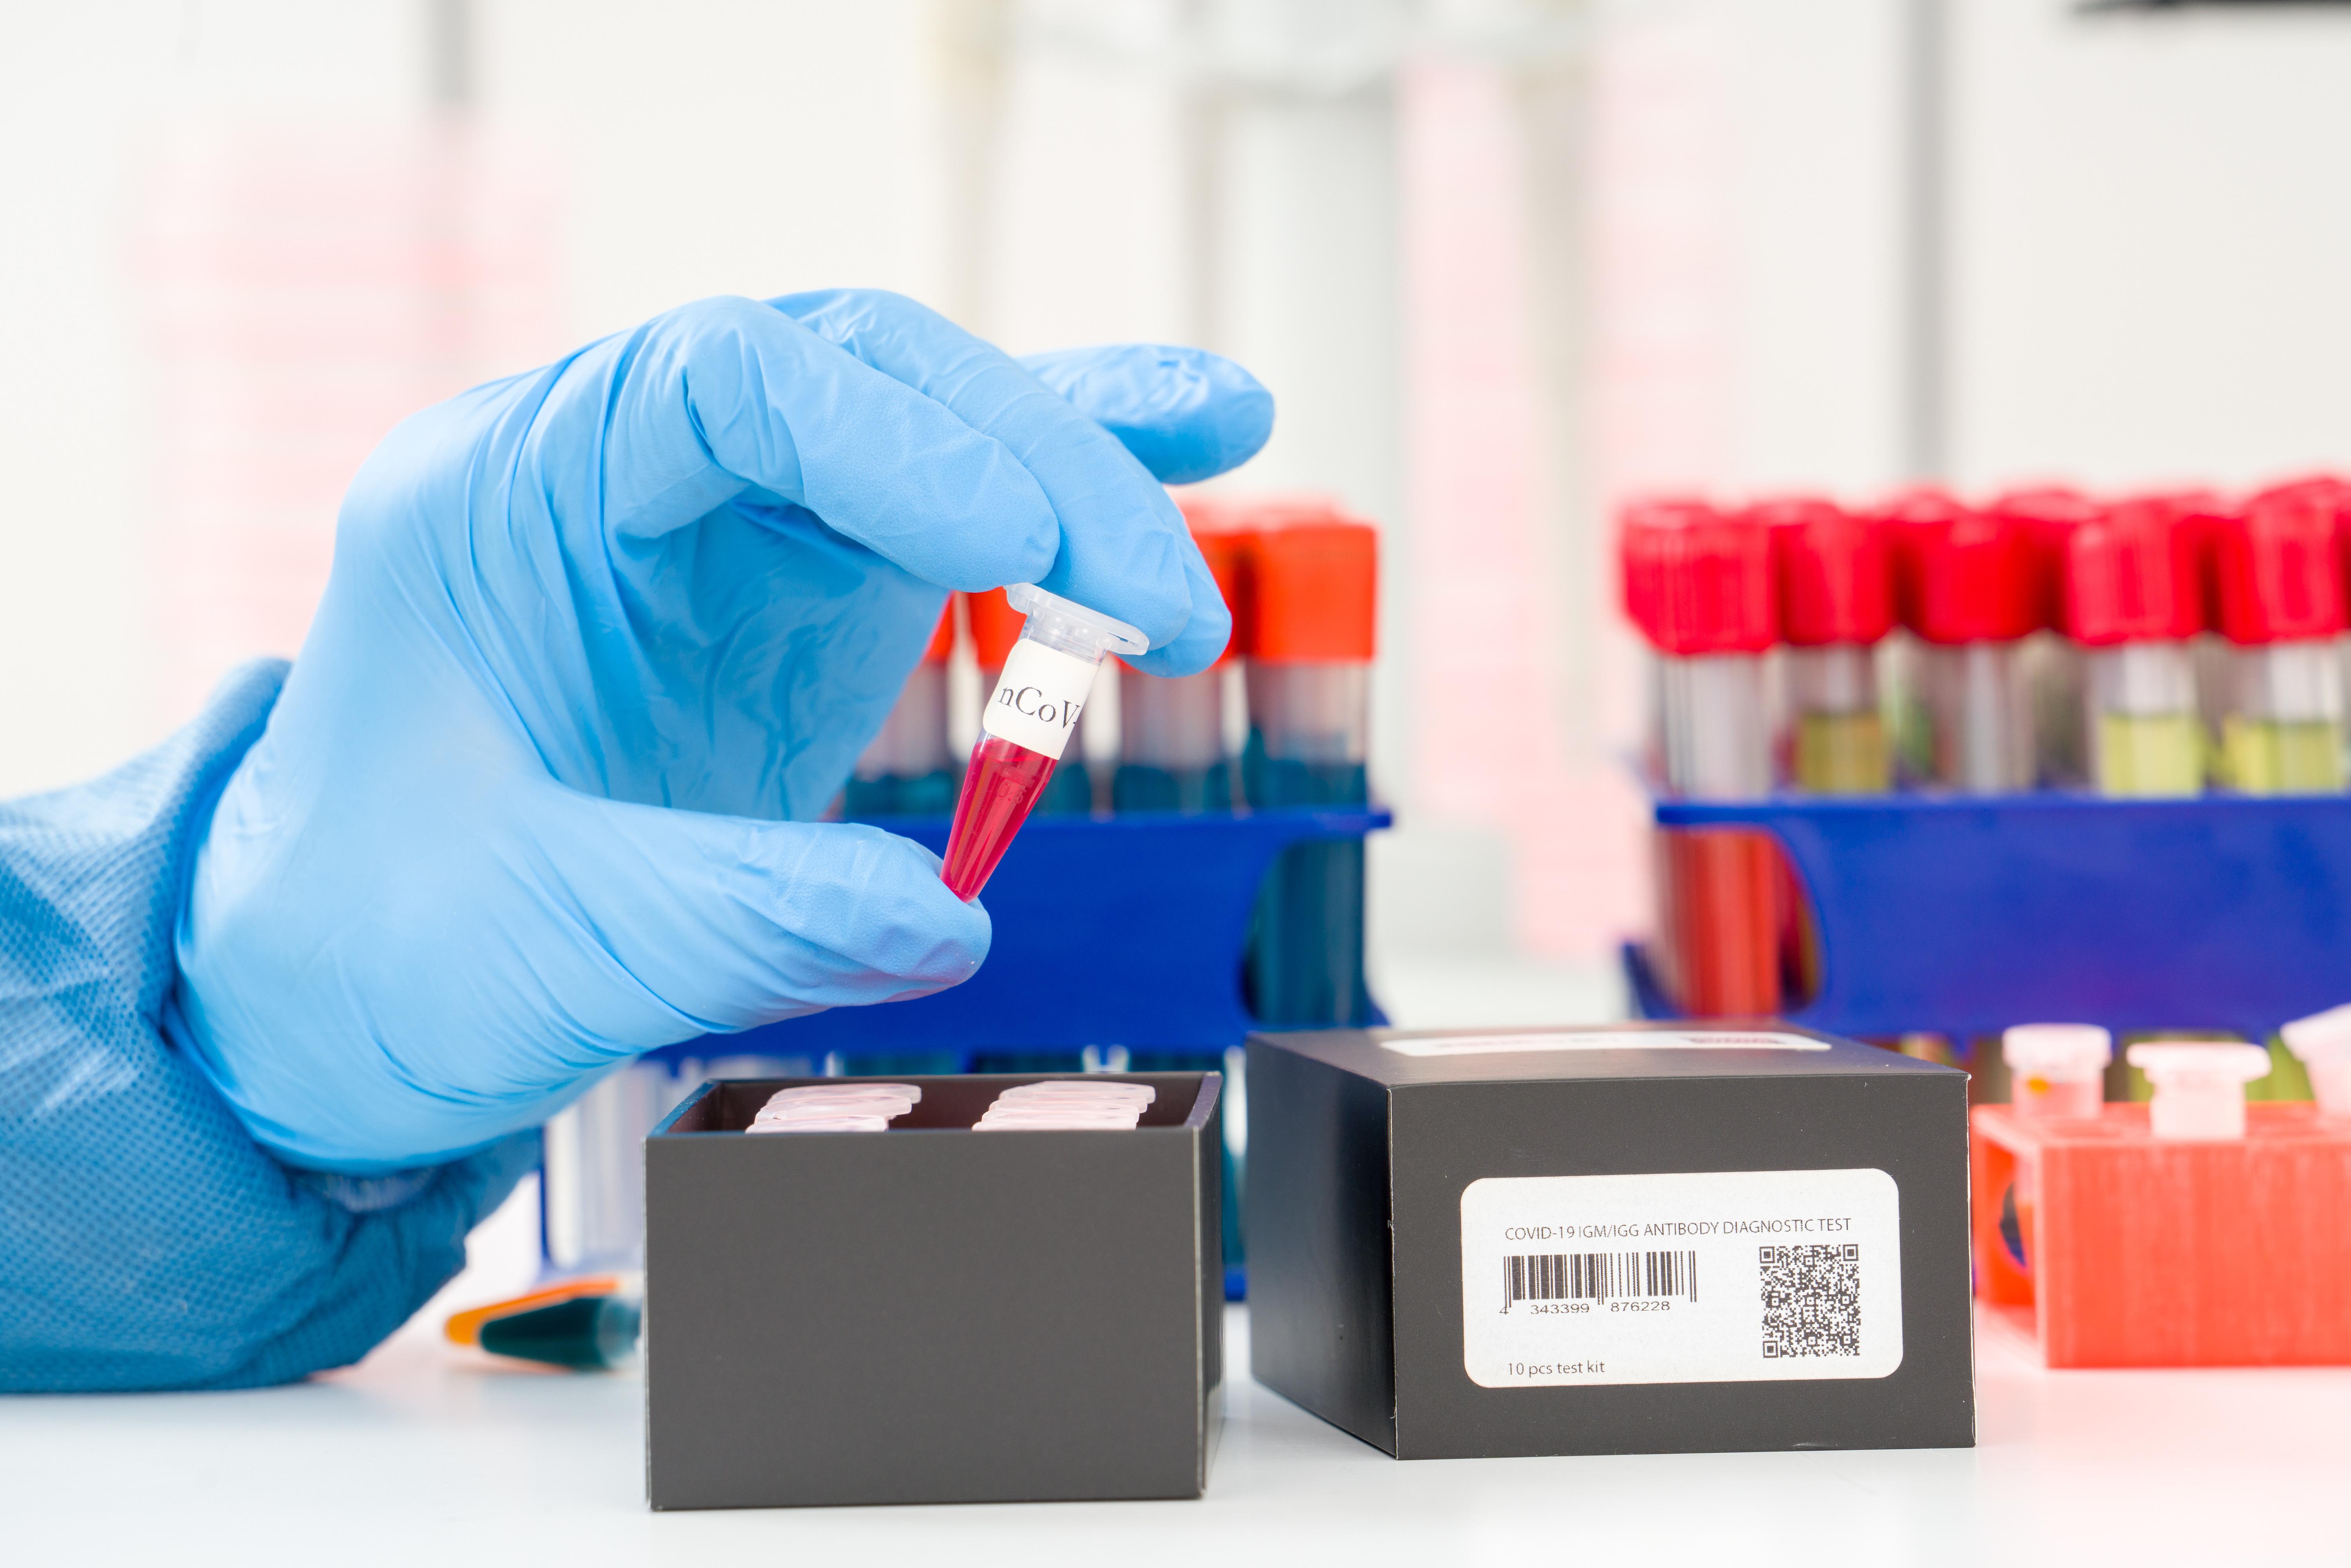 Cette analyse des niveaux d'anticorps anti-coronavirus (test sérologique) chez plus de 3.000 personnes résidant en en Californie suggère qu'entre 2,5% et 4,2% des habitants de la région auraient en réalité contracté COVID-19